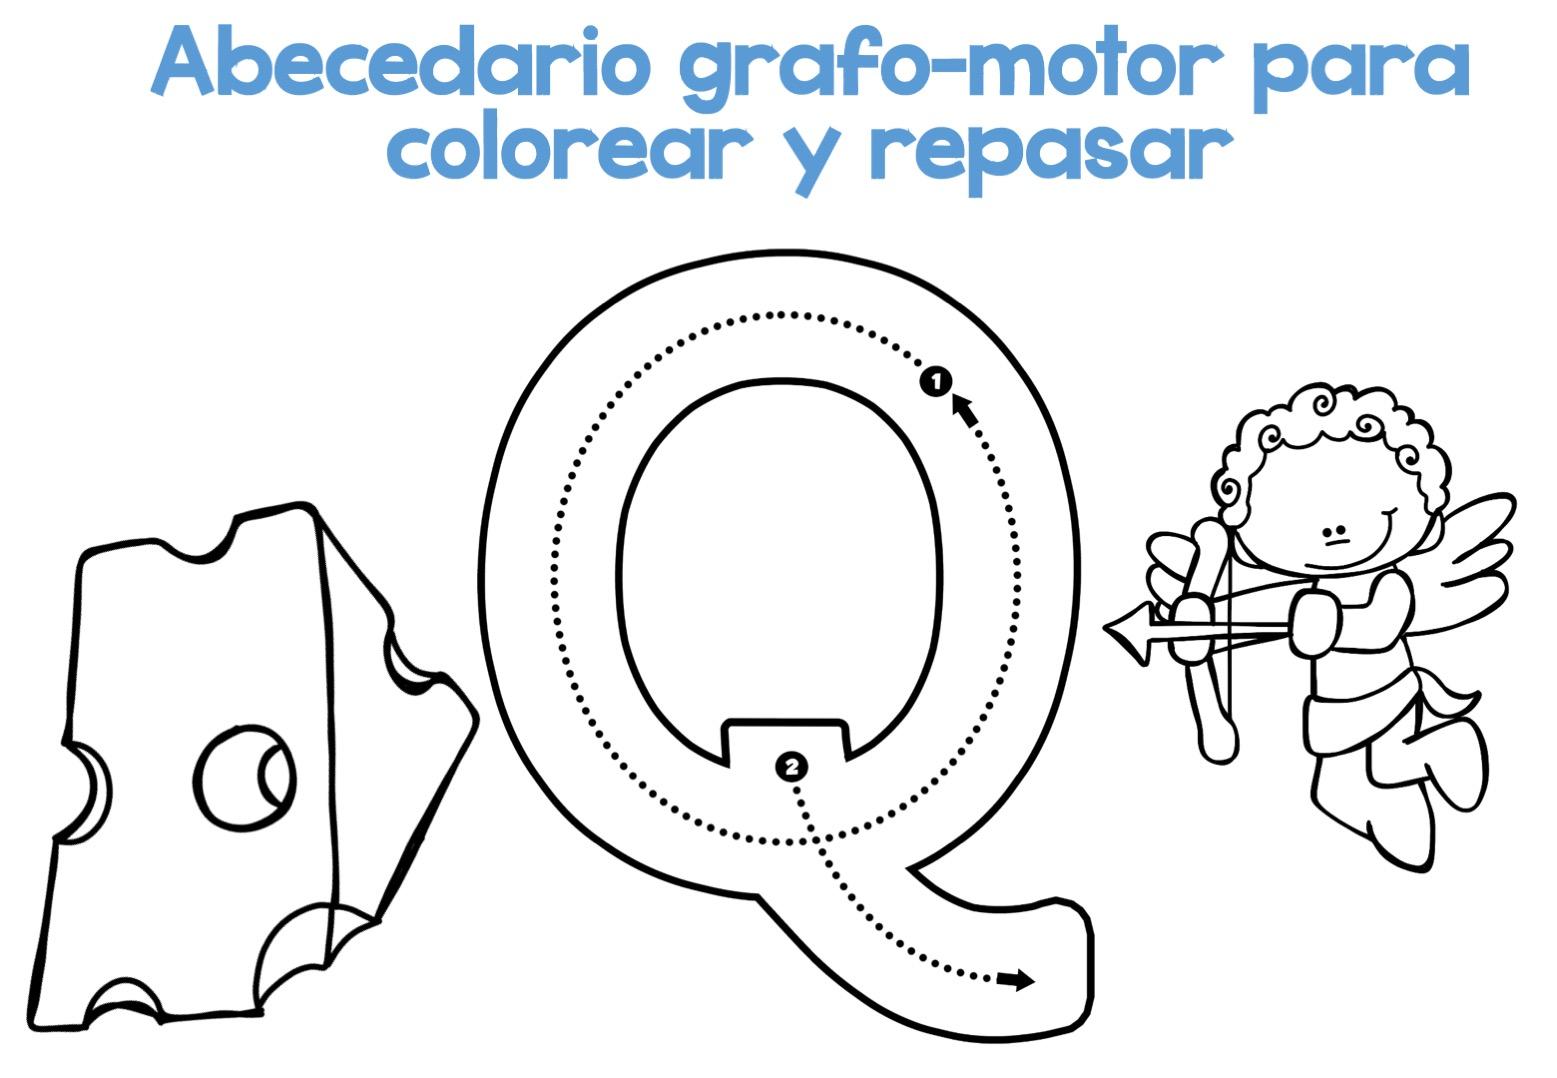 Completo Abecedario Grafo-motor Para Colorear Y Repasar18